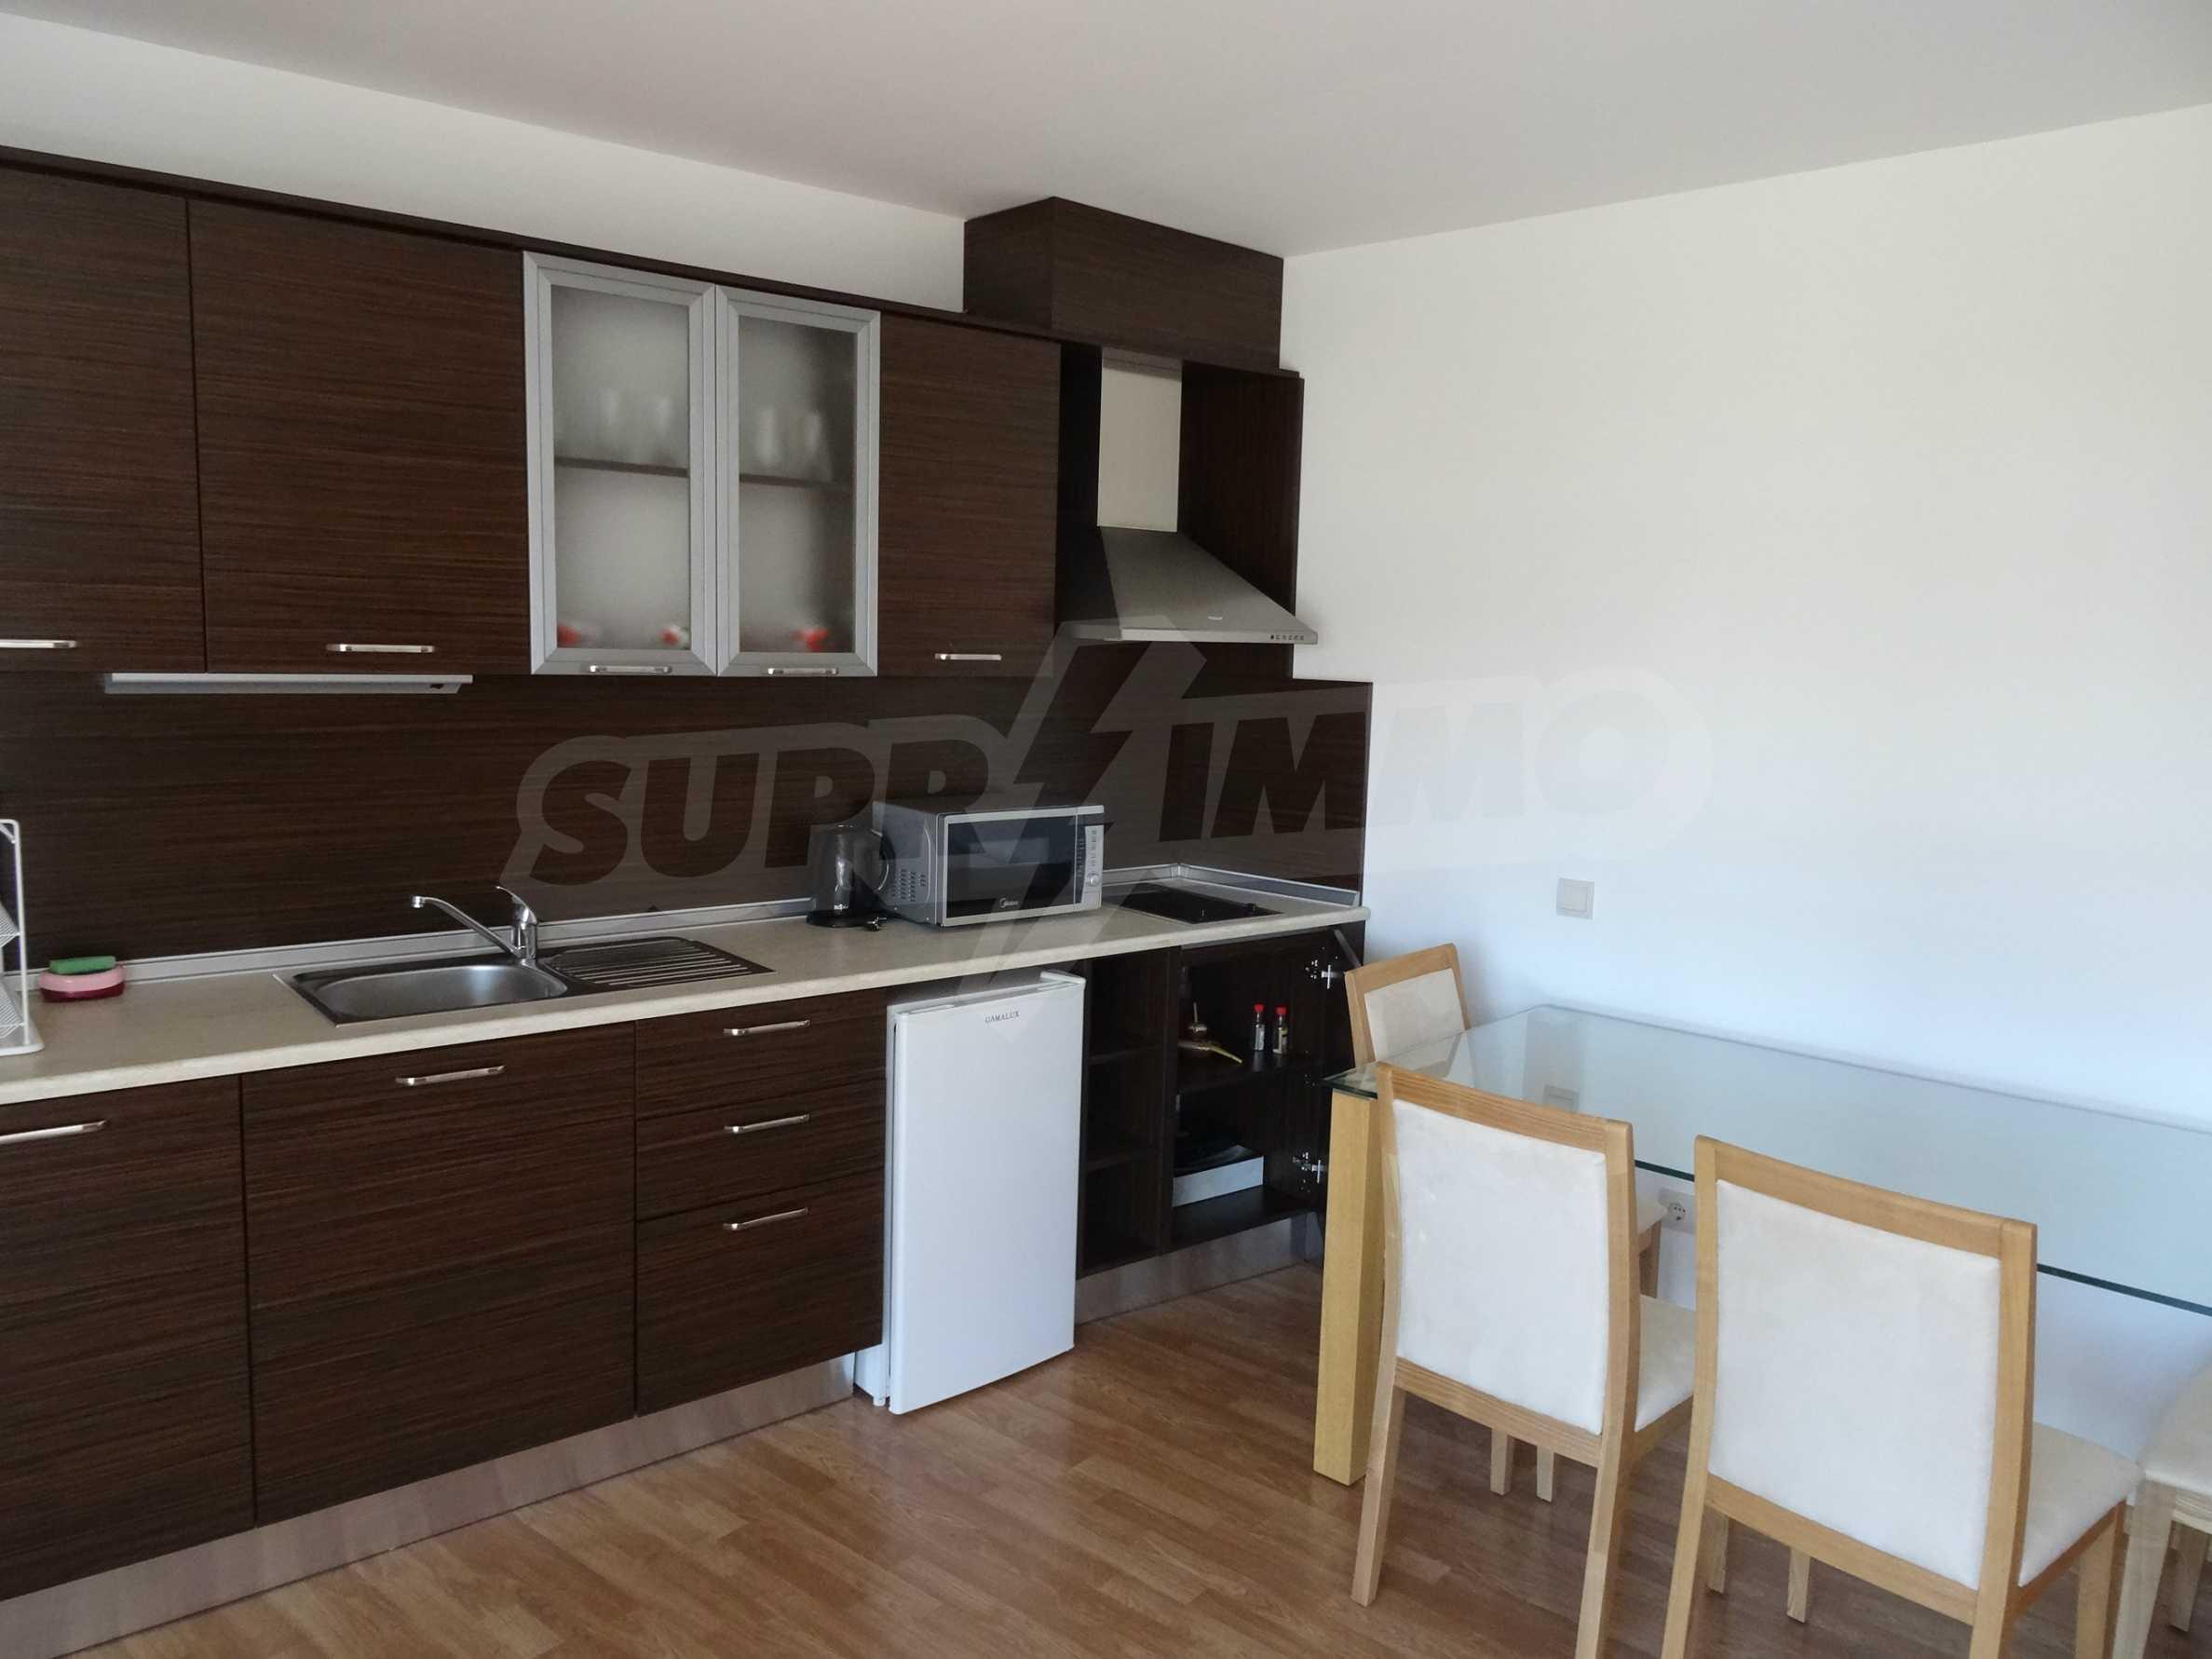 Чудесен апартамент за продажба във затворен комплекс 5